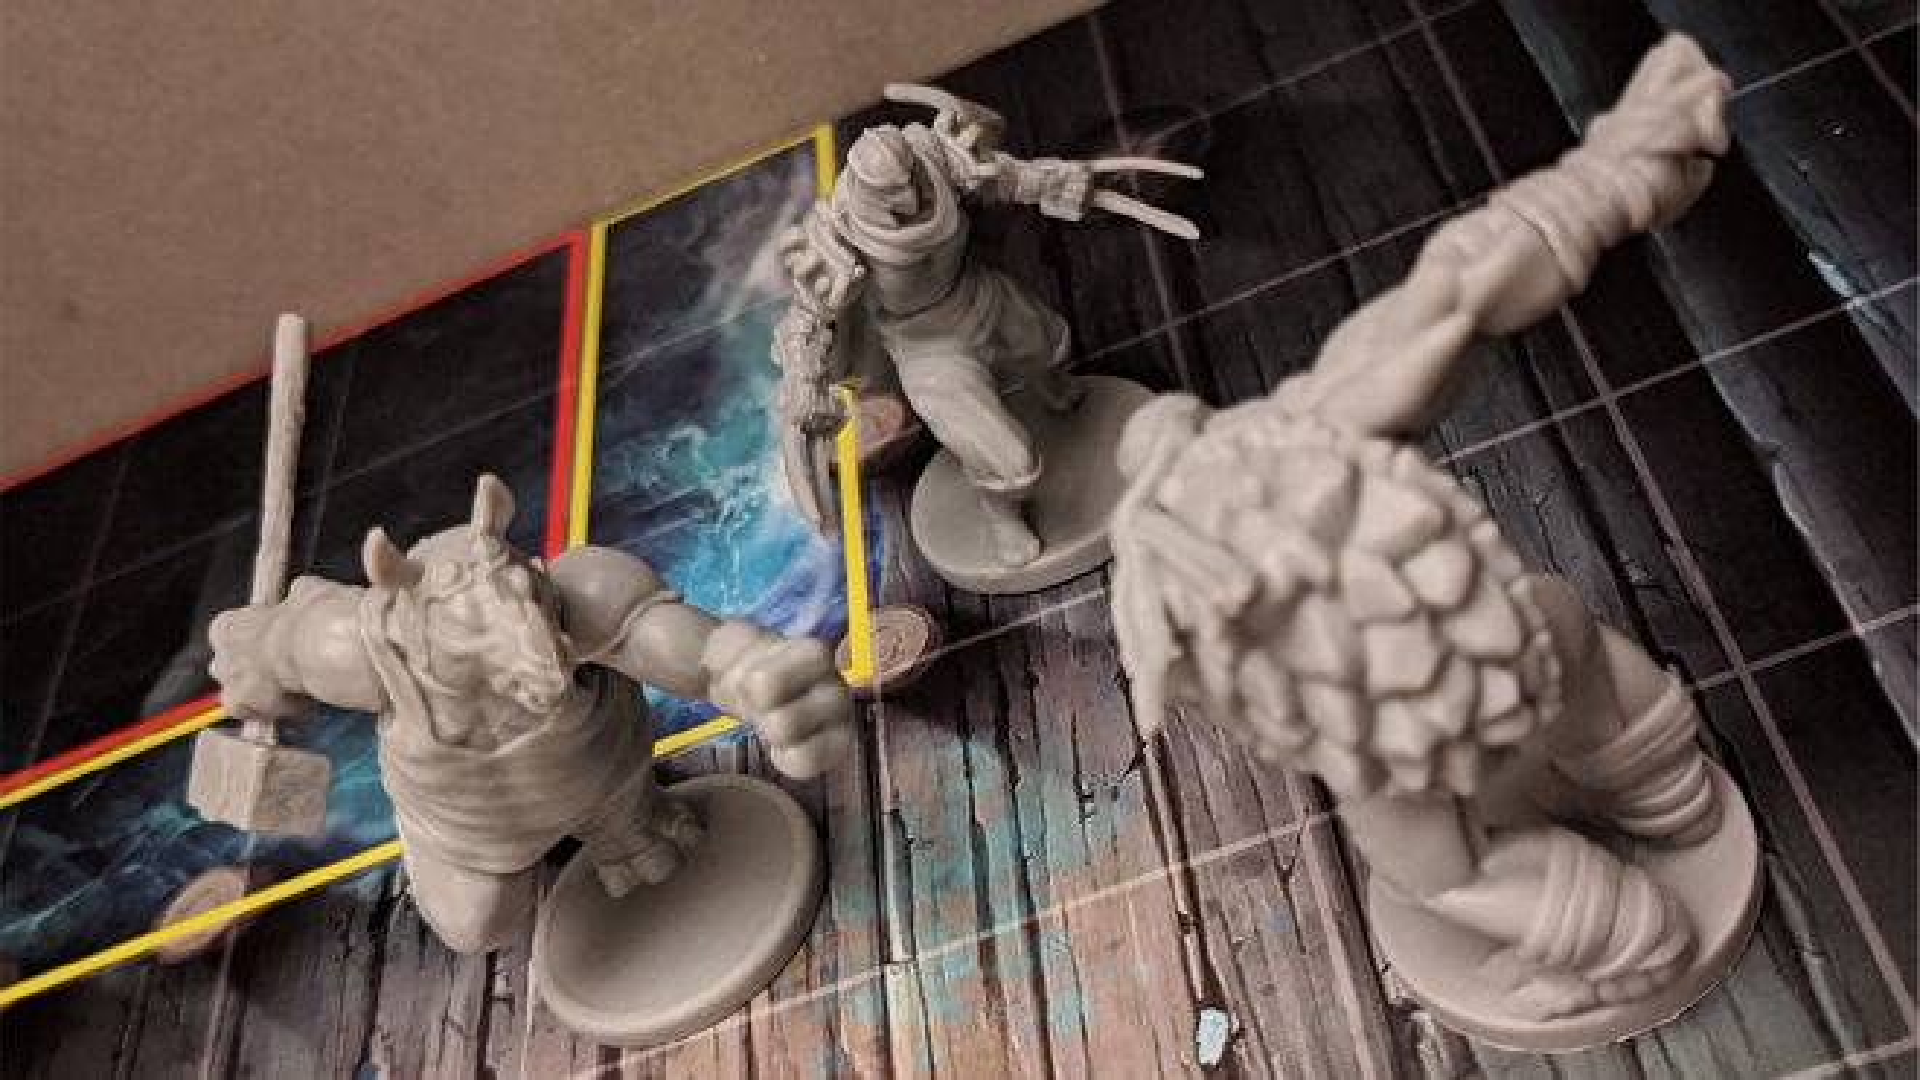 teenage-mutant-ninja-turtles-adventures-board-game-battle.jpg